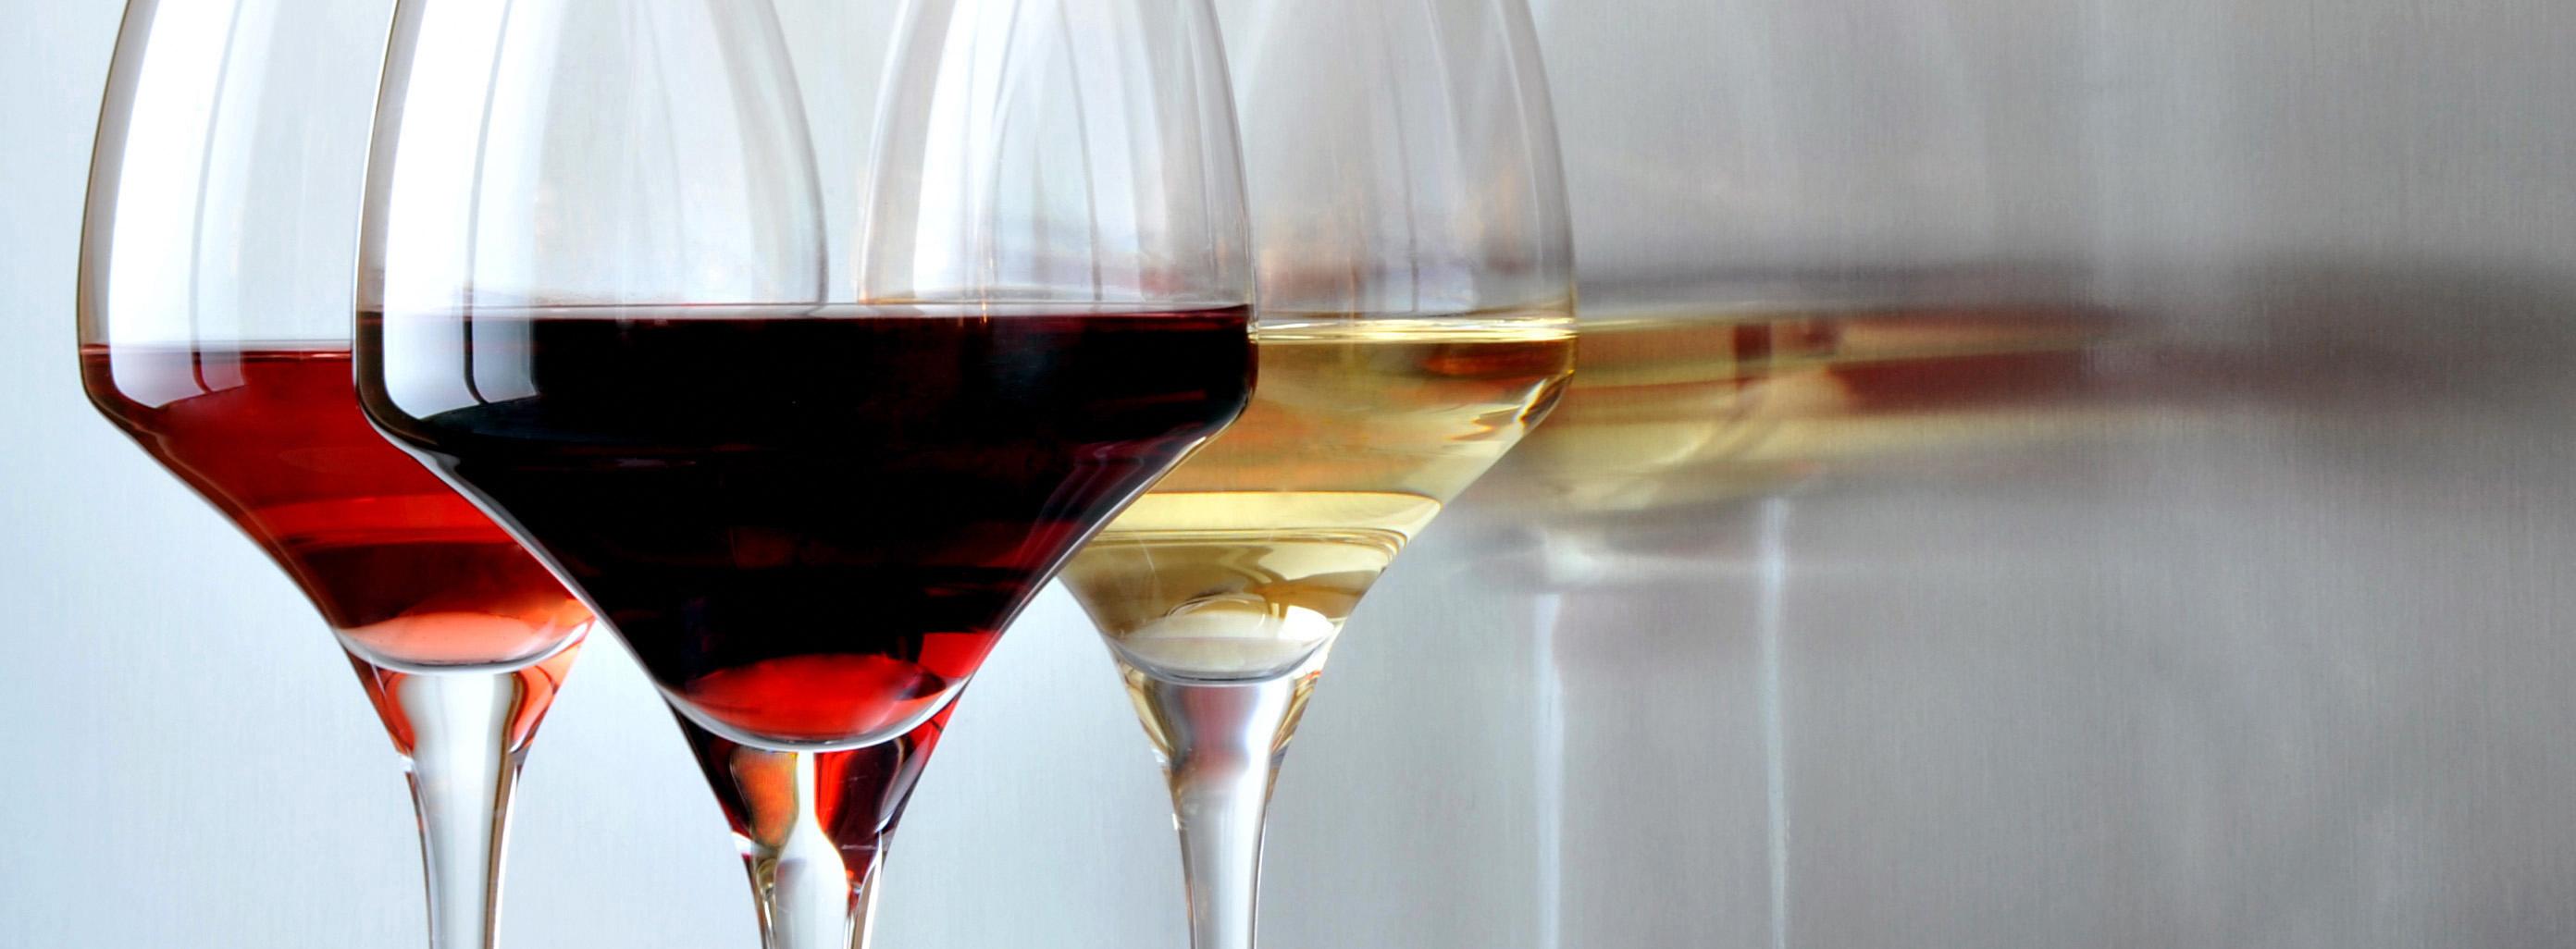 """关于葡萄酒""""糖分""""的那些事儿"""